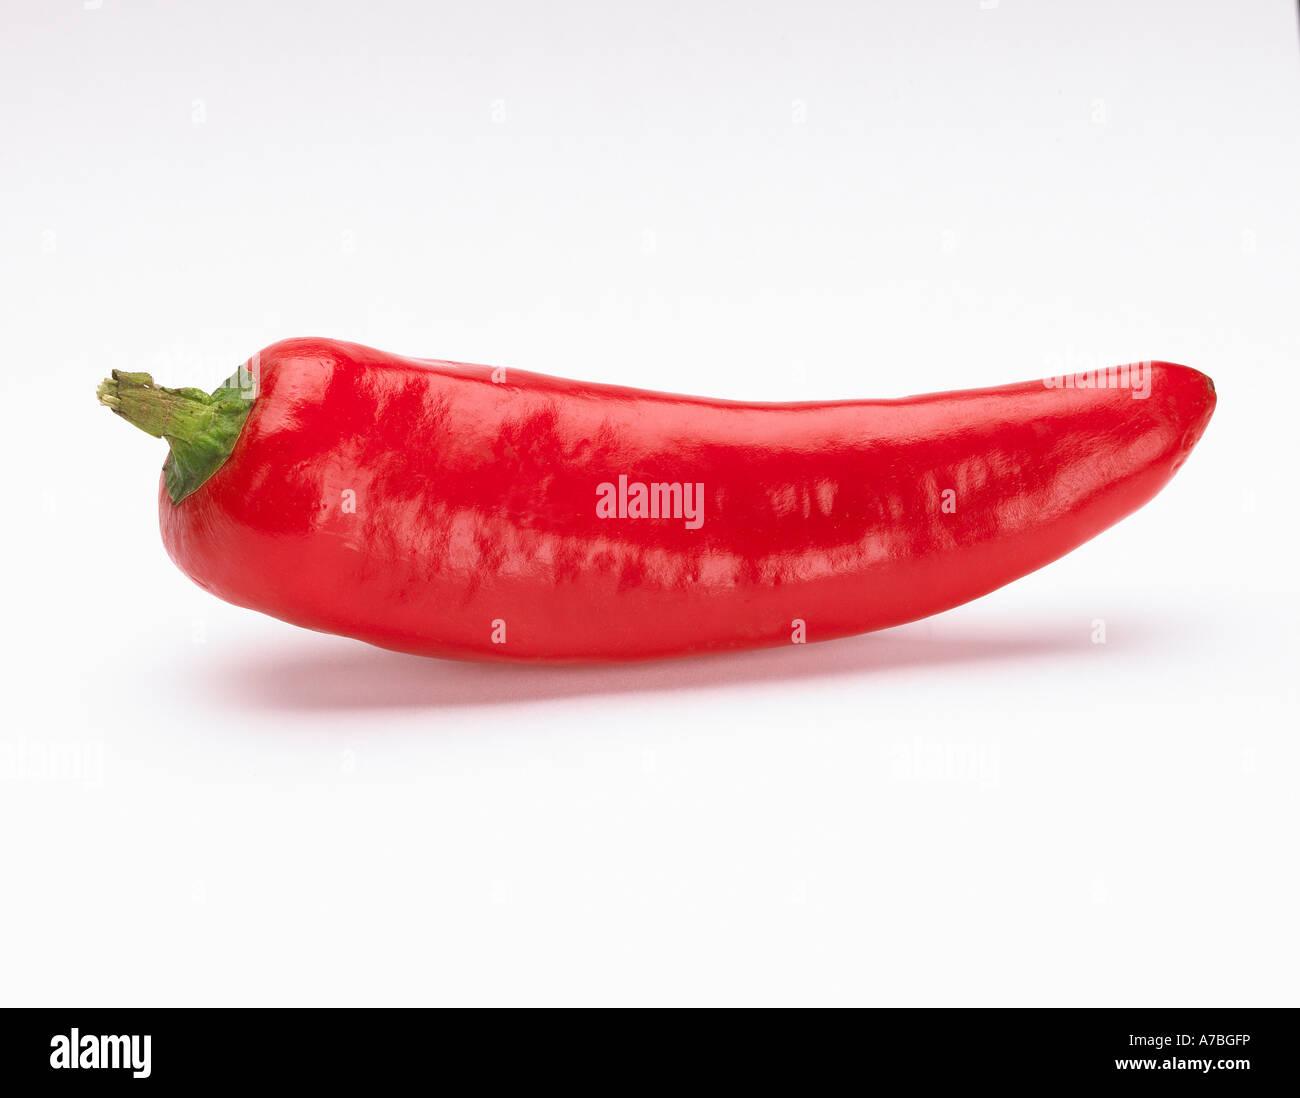 Unico peperoncino rosso su sfondo bianco Immagini Stock